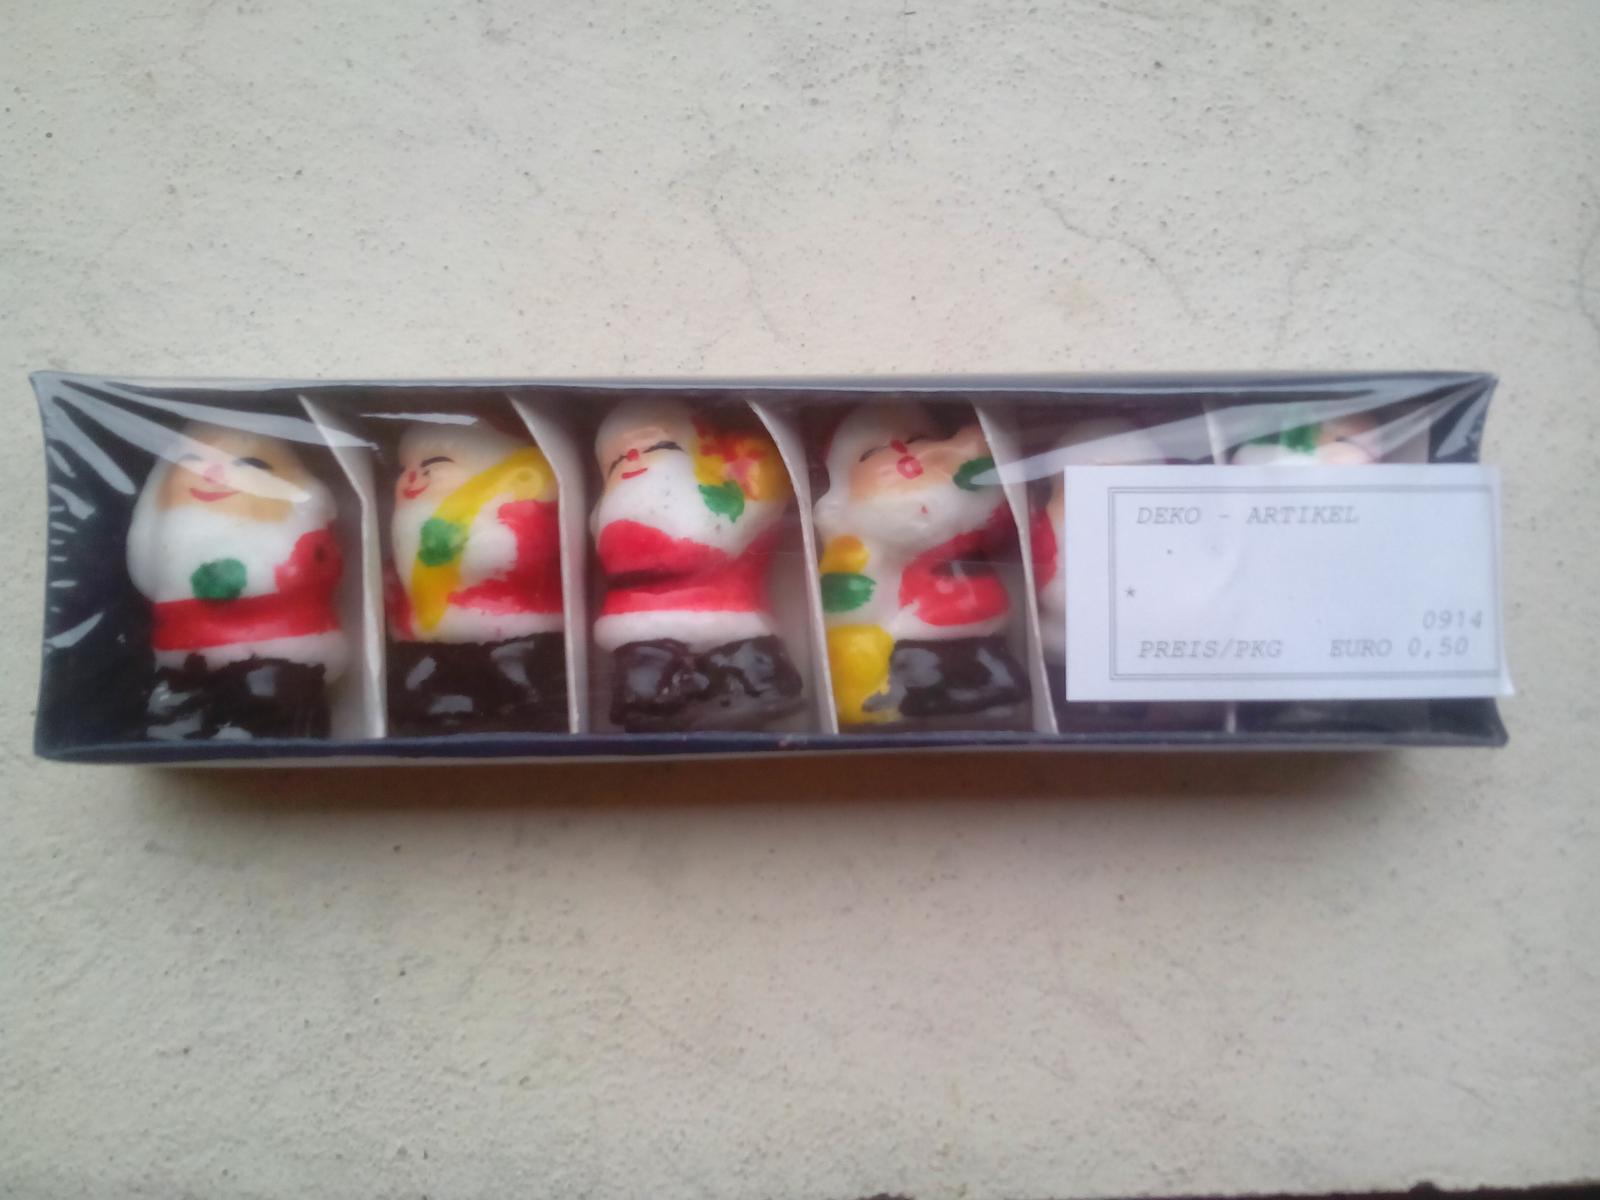 Kráľovstvo gombíkov (a aj všetkého iného) - Kúpené 2,12 2015 Balíček šesť kusov dekoračných sviečok za 0,50€/balenie